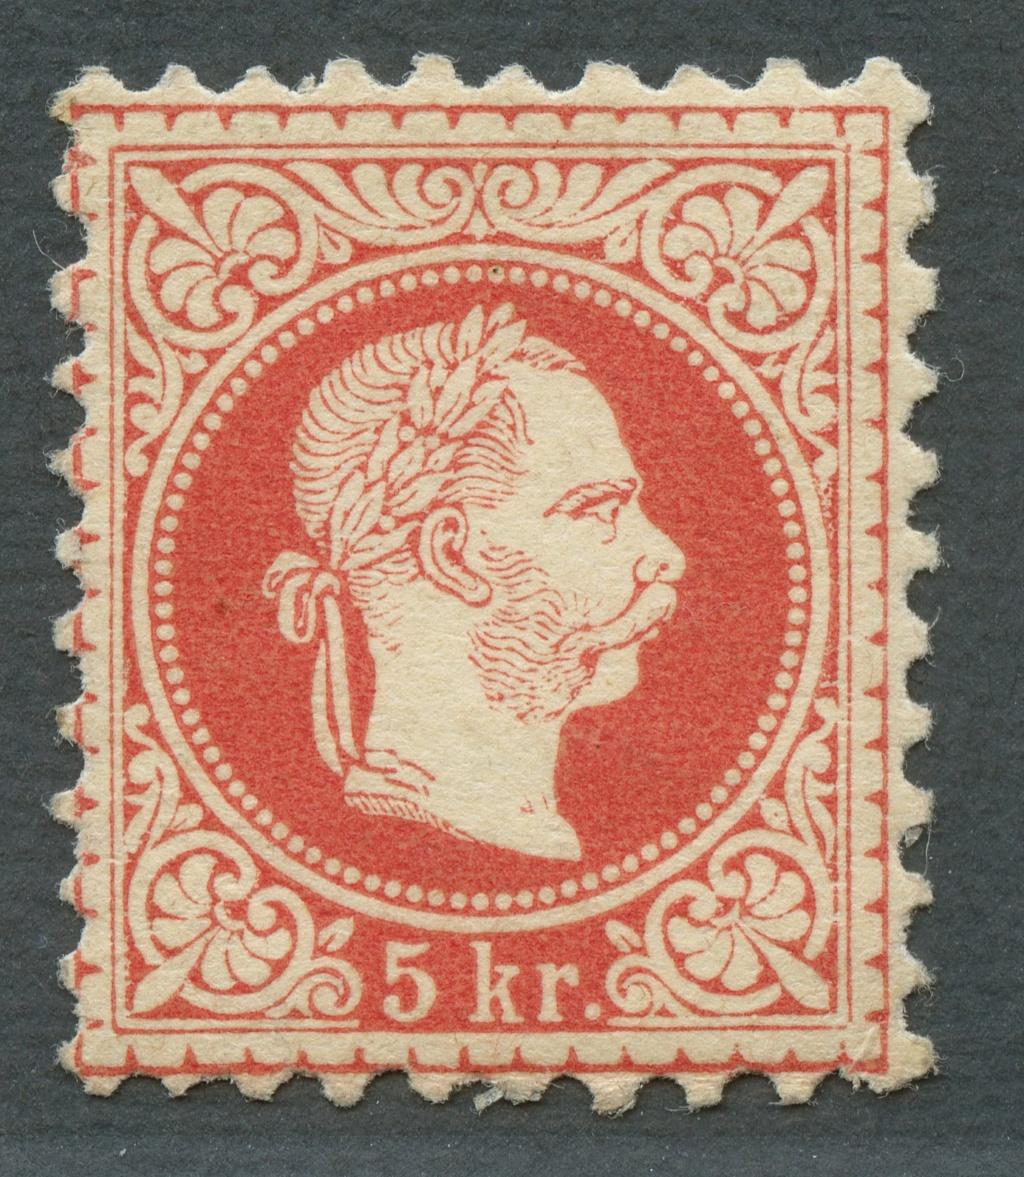 ungarn - Freimarken-Ausgabe 1867 : Kopfbildnis Kaiser Franz Joseph I - Seite 22 Ank_3710